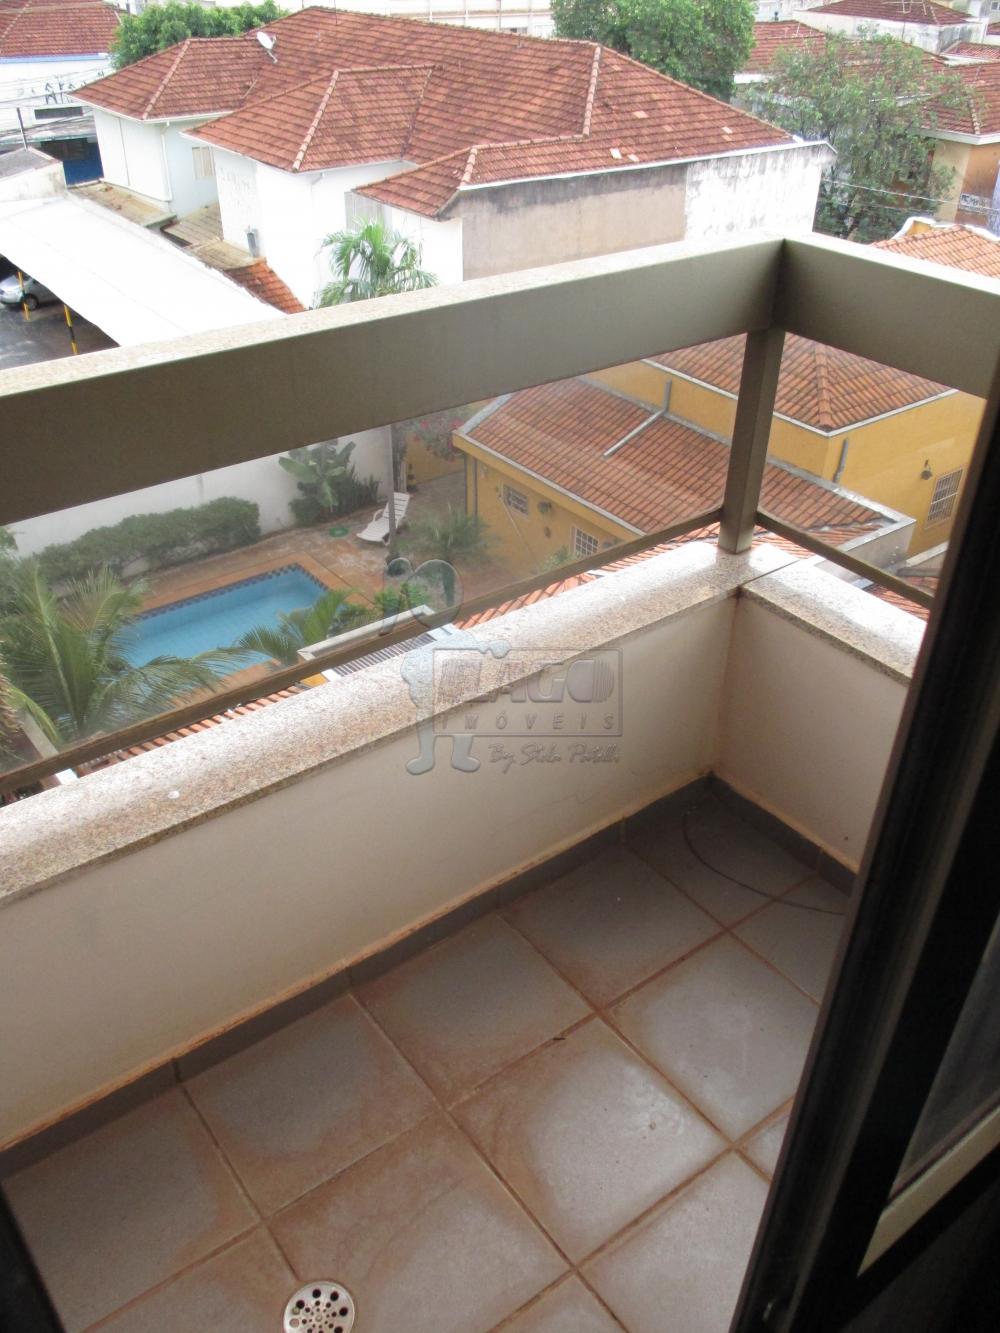 Comprar Apartamento / Padrão em Ribeirão Preto apenas R$ 270.000,00 - Foto 15